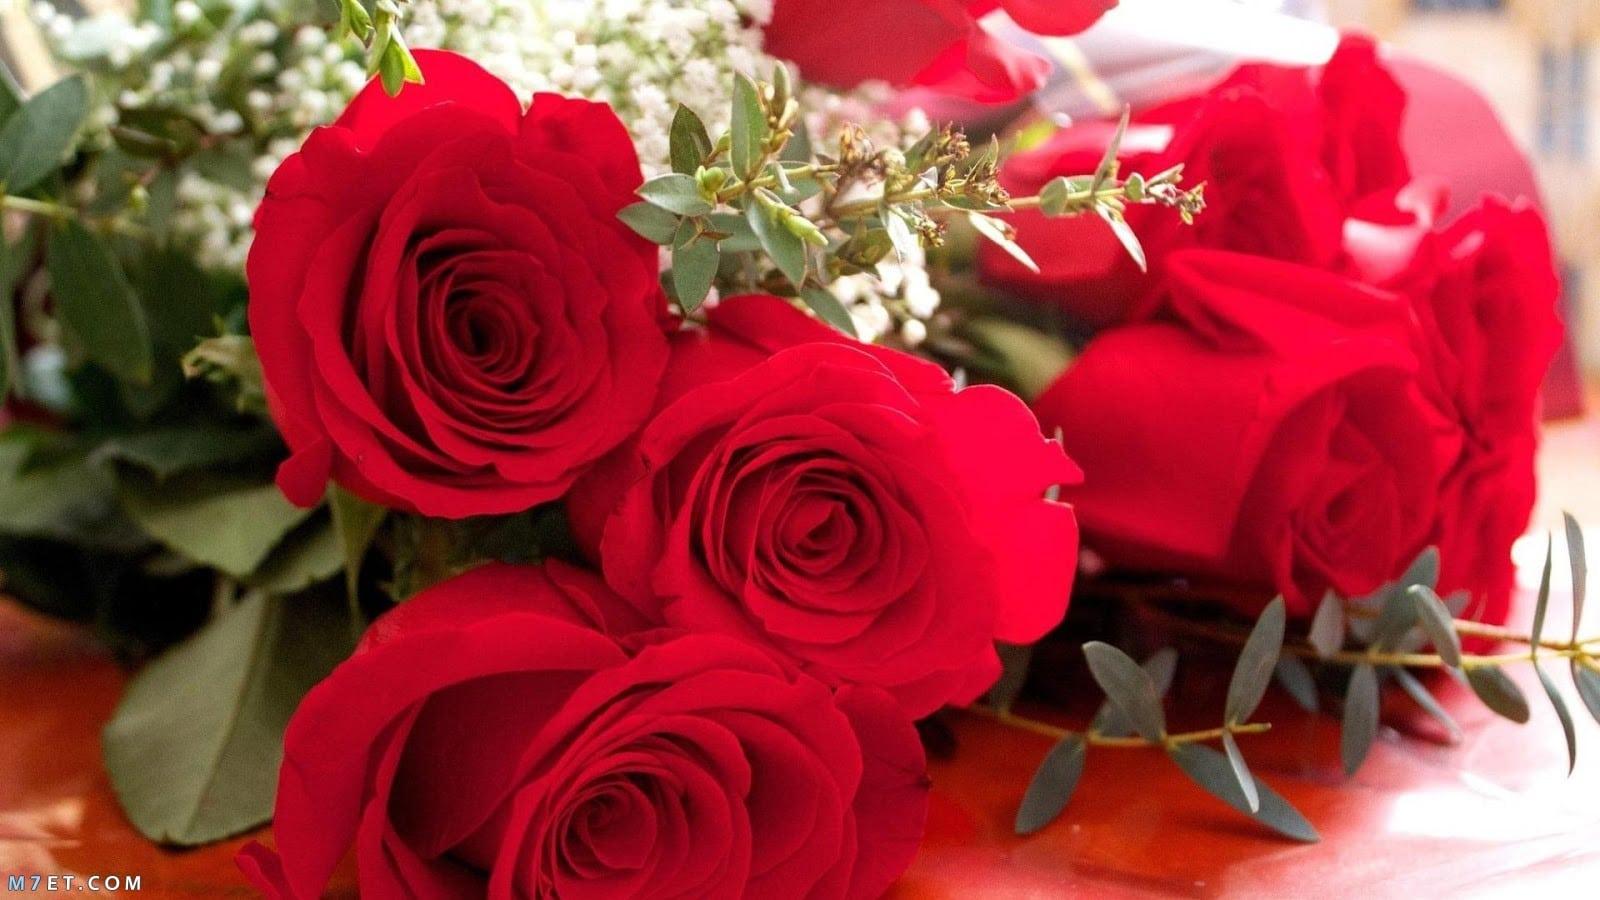 صور الورود للتصميم 9 1